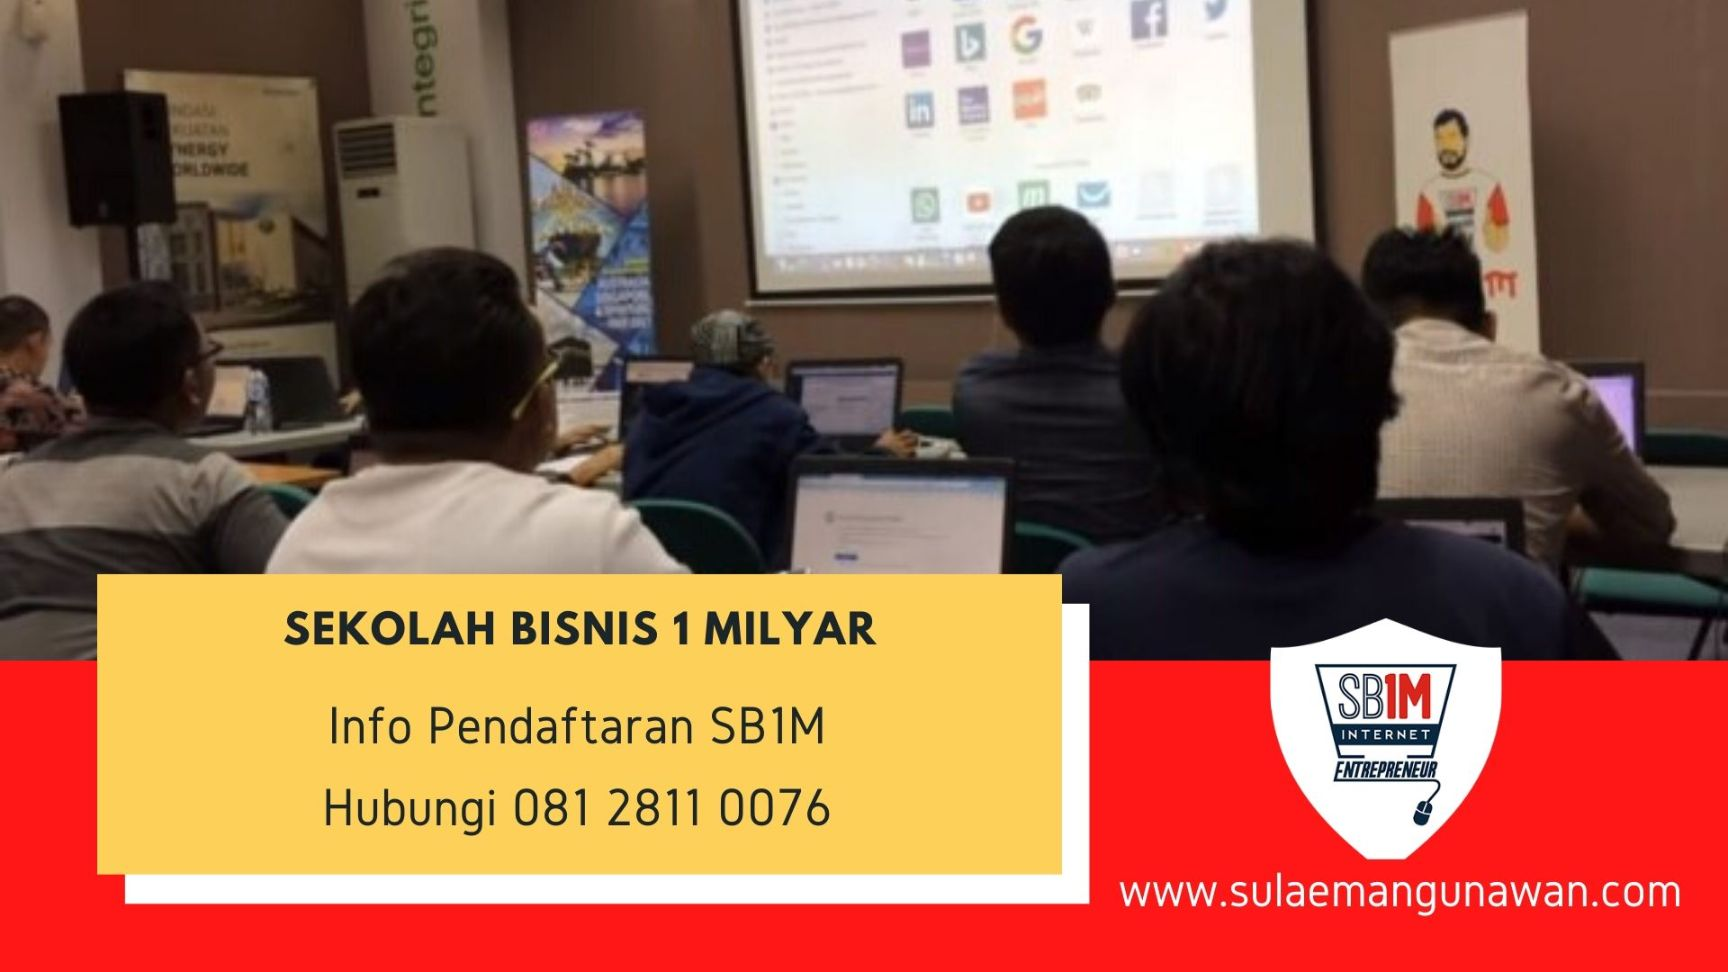 Kelas Bisnis Online Terlengkap di Cisarua Kabupaten Bogor Hubungi 081 2811 0076